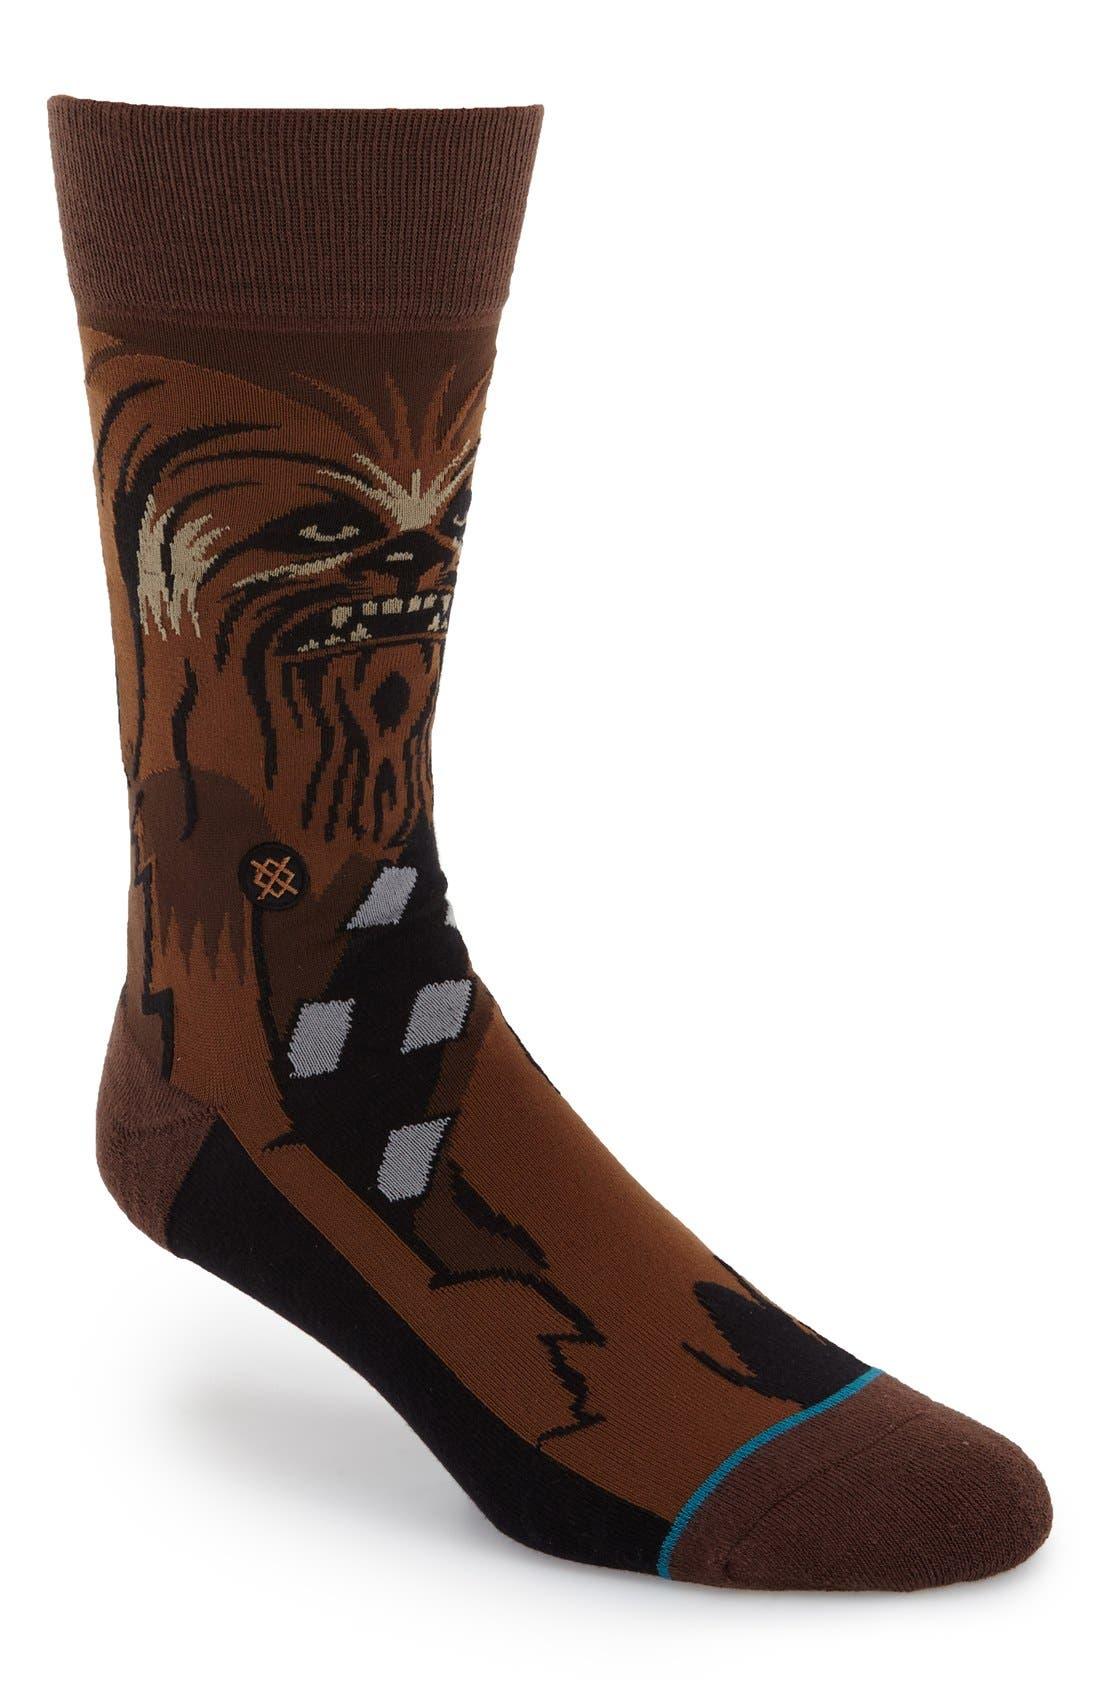 Stance Socks Warped Chewbacca Chewie Stormtrooper Star Wars Men's Medium 6-8.5